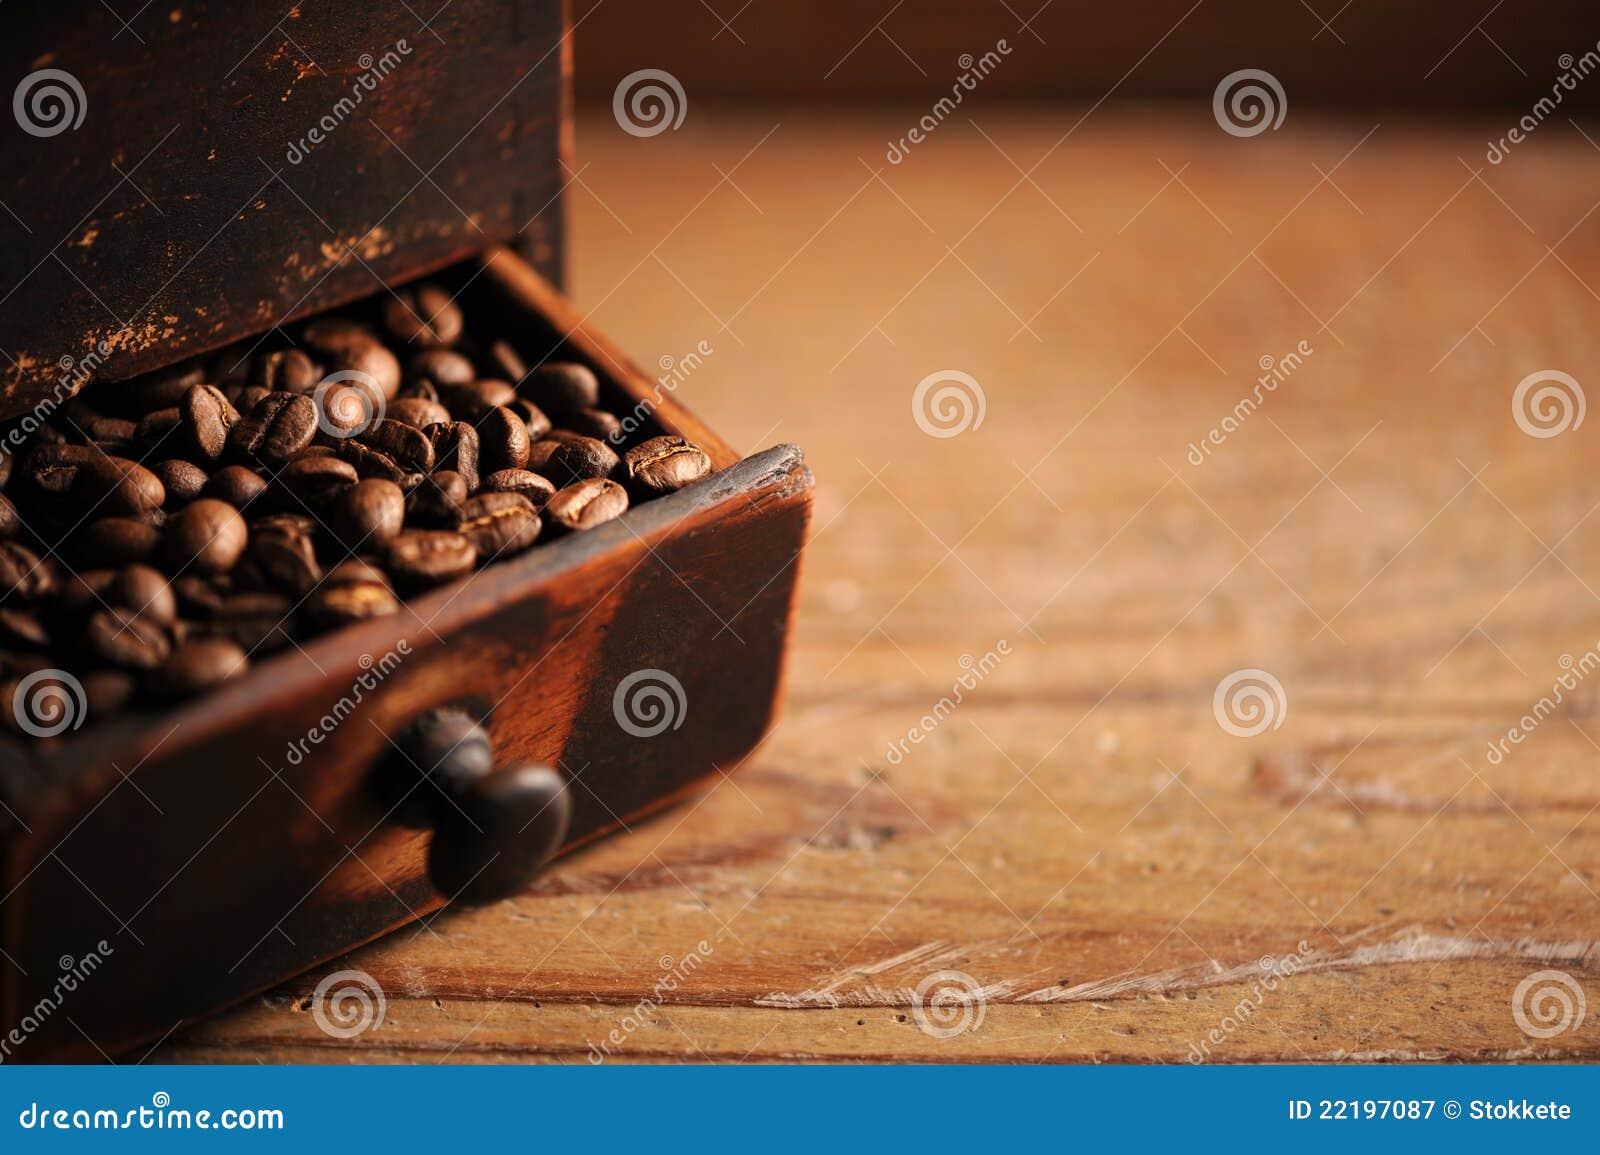 καφές κινηματογραφήσεων &